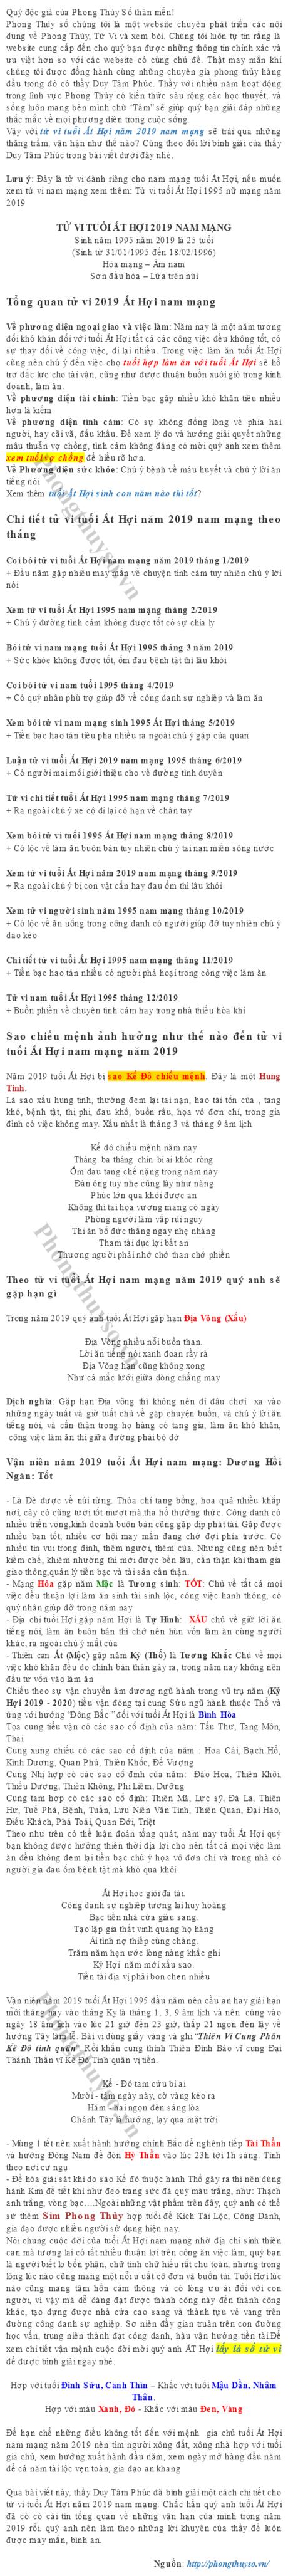 tu-vi-tuoi-at-hoi-nam-2019-nam-mang